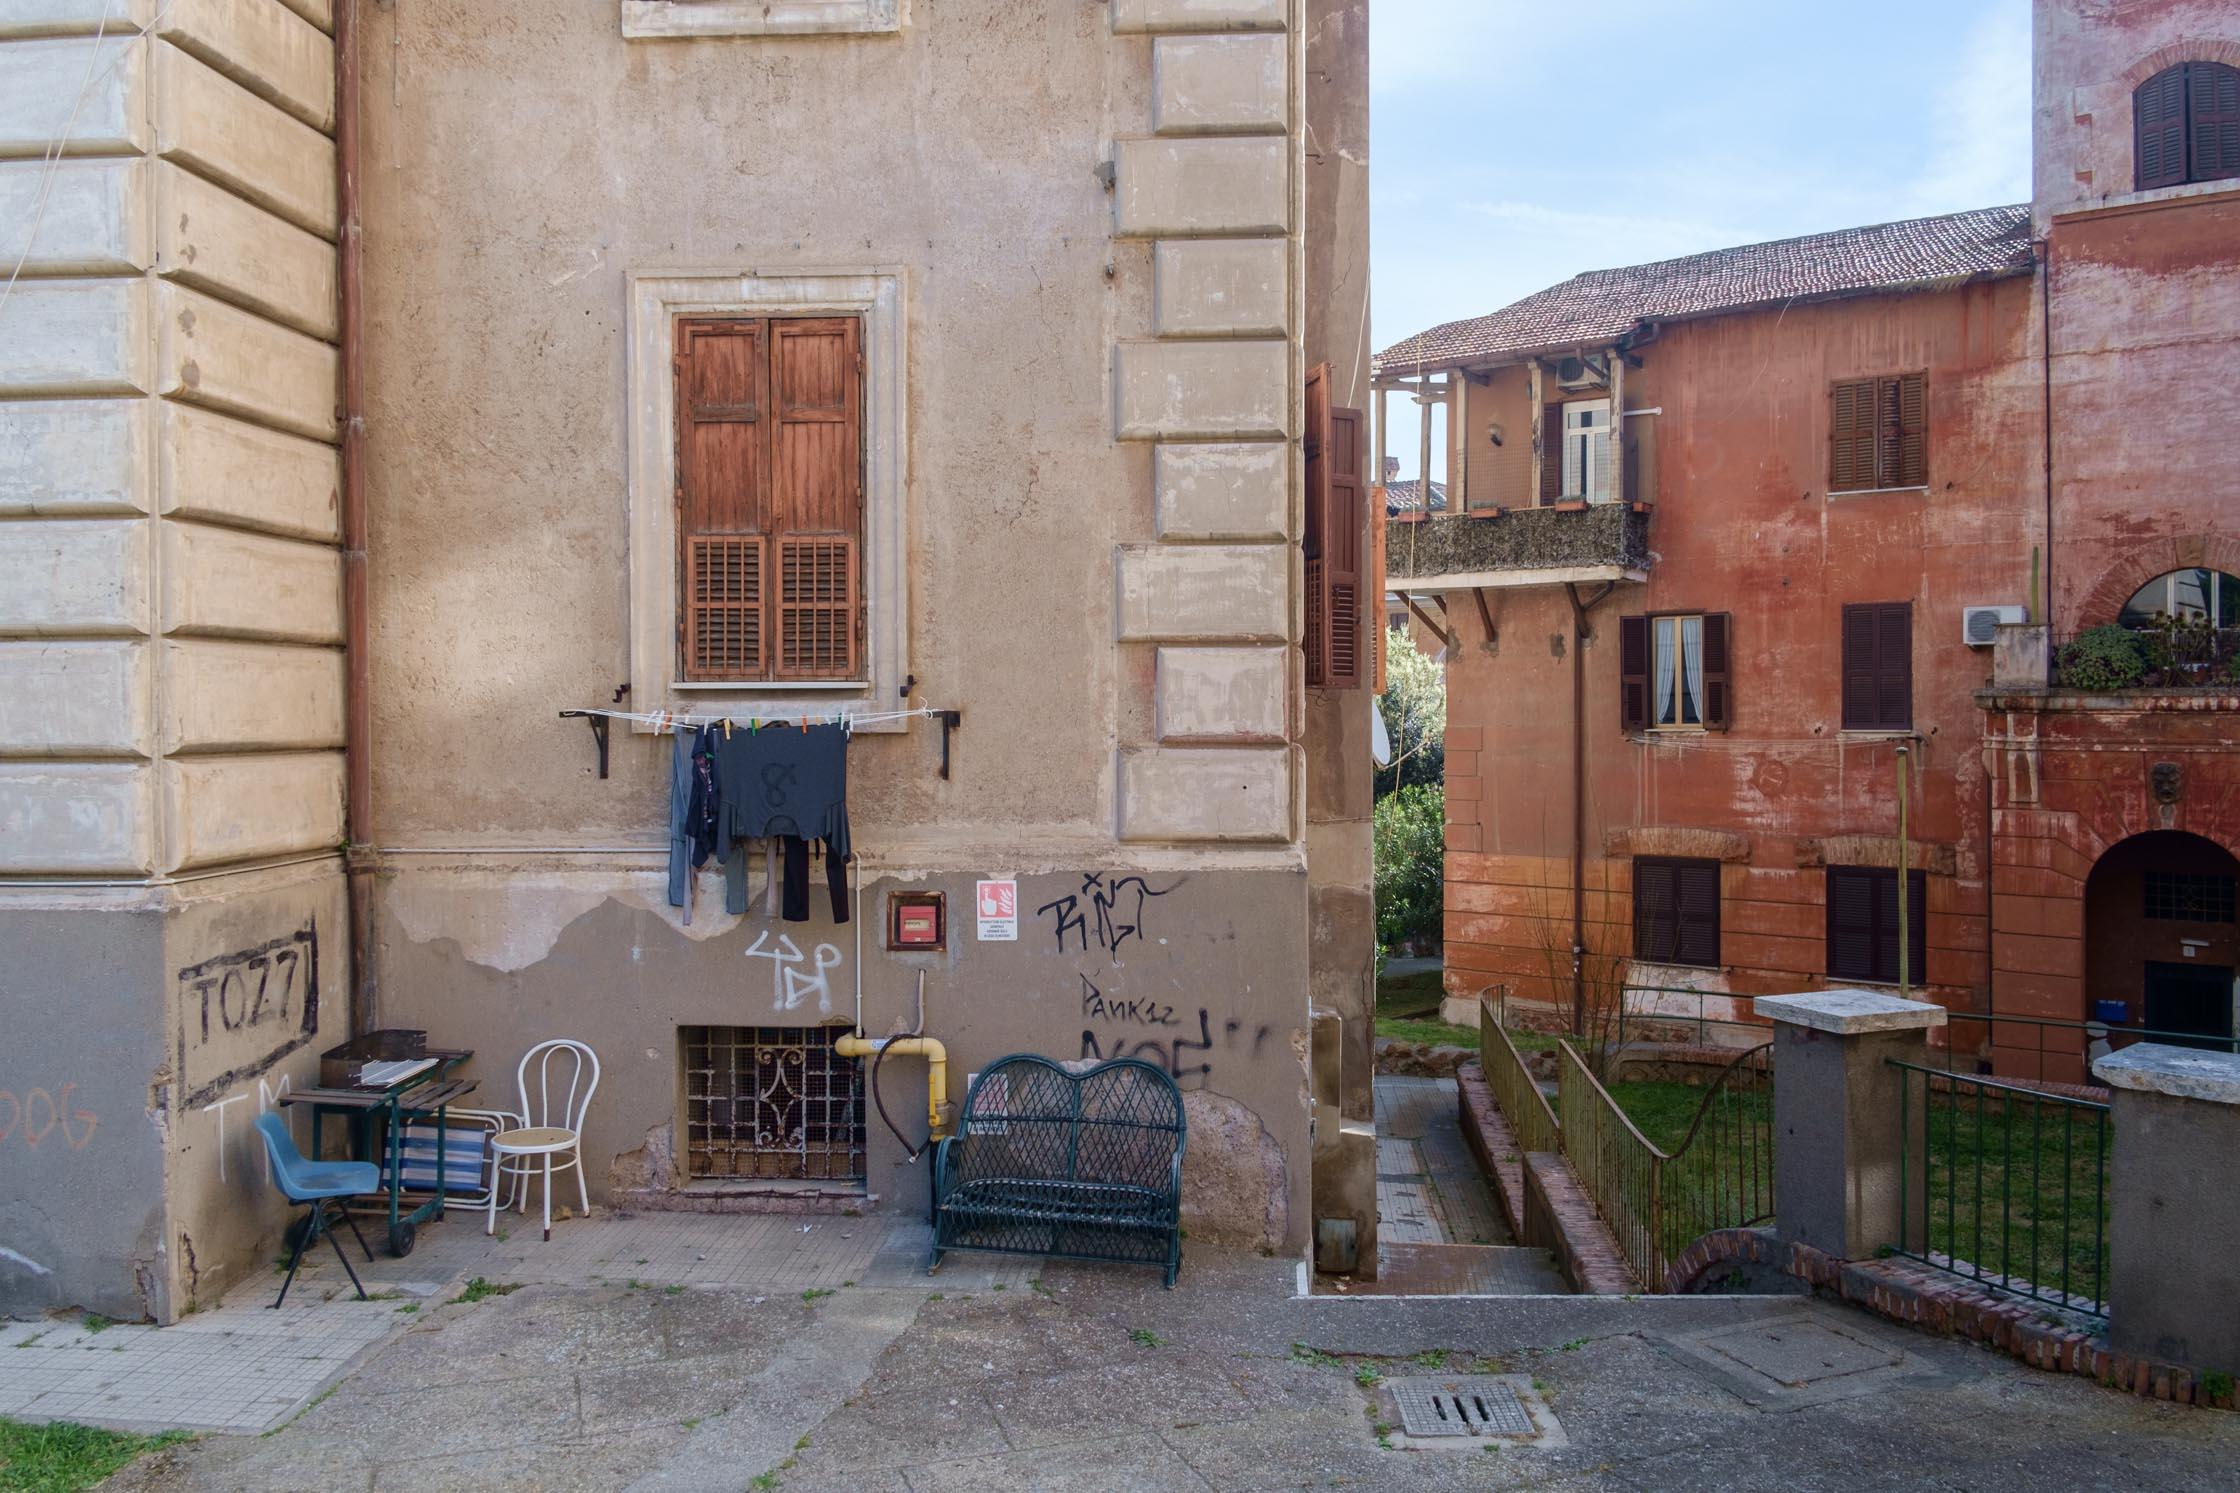 004_Pubblico Privato-Gabriele_Lungarella-_GAB5085.jpg